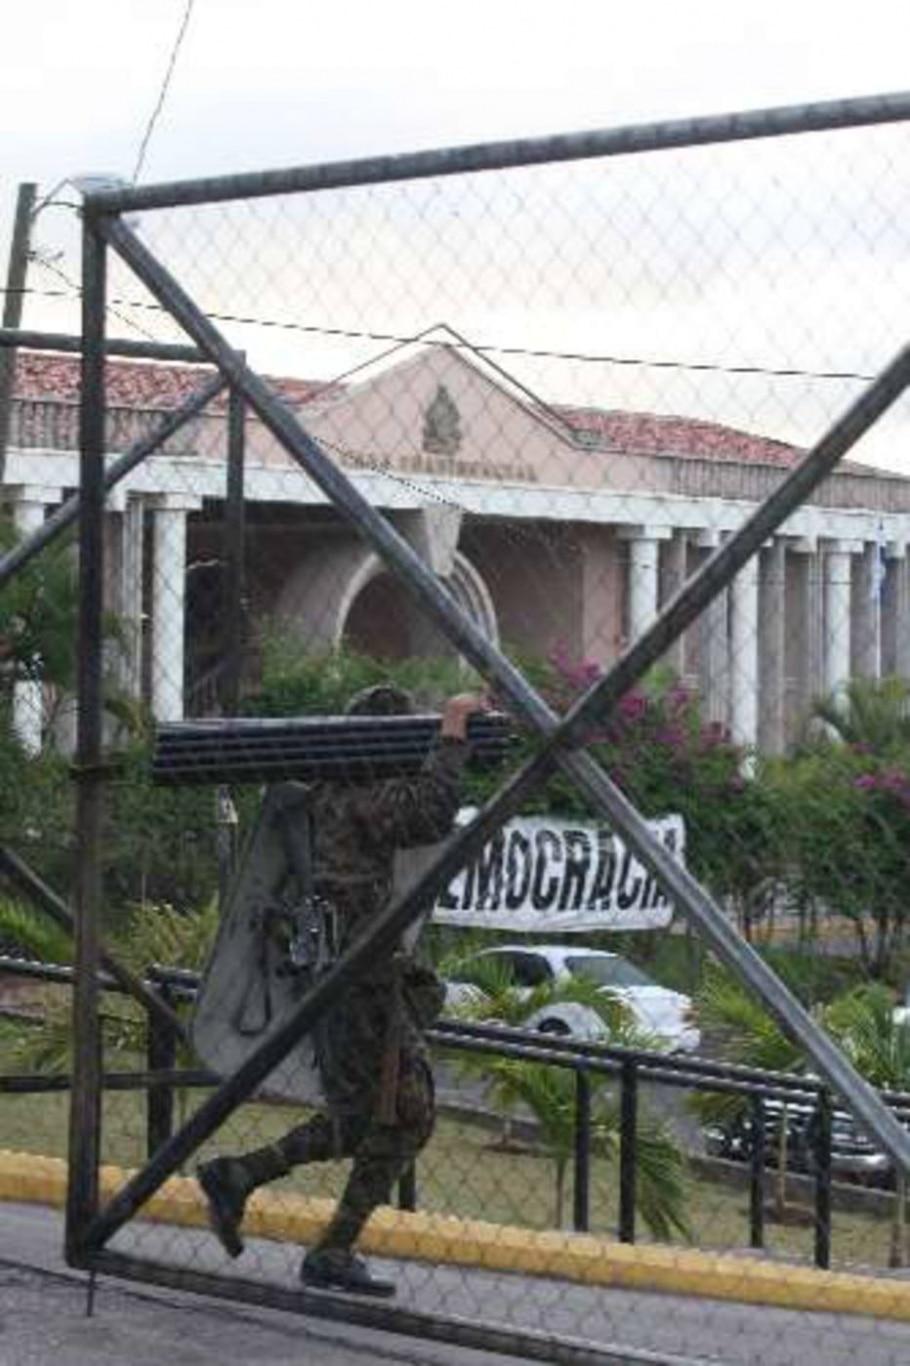 Soldado se prapara para se instalar em frente à residência presidencial em Tegucigalpa - Wilson Pedrosa/Agência Estado